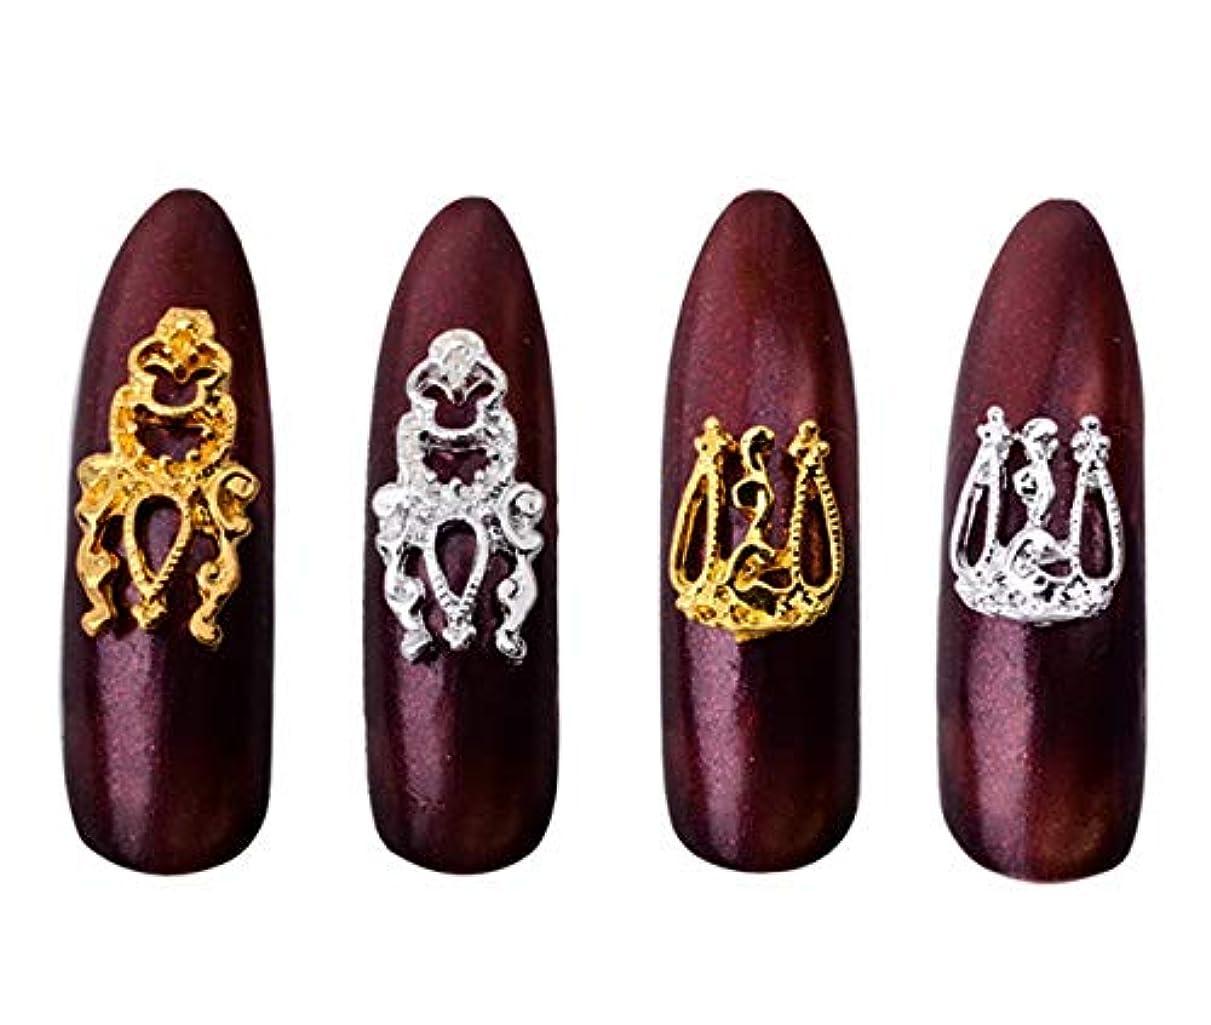 よろめくクレジット抜本的なTianmey 爪のための3D DIYデザインアロイネイルアートデコレーションゴールドメタル